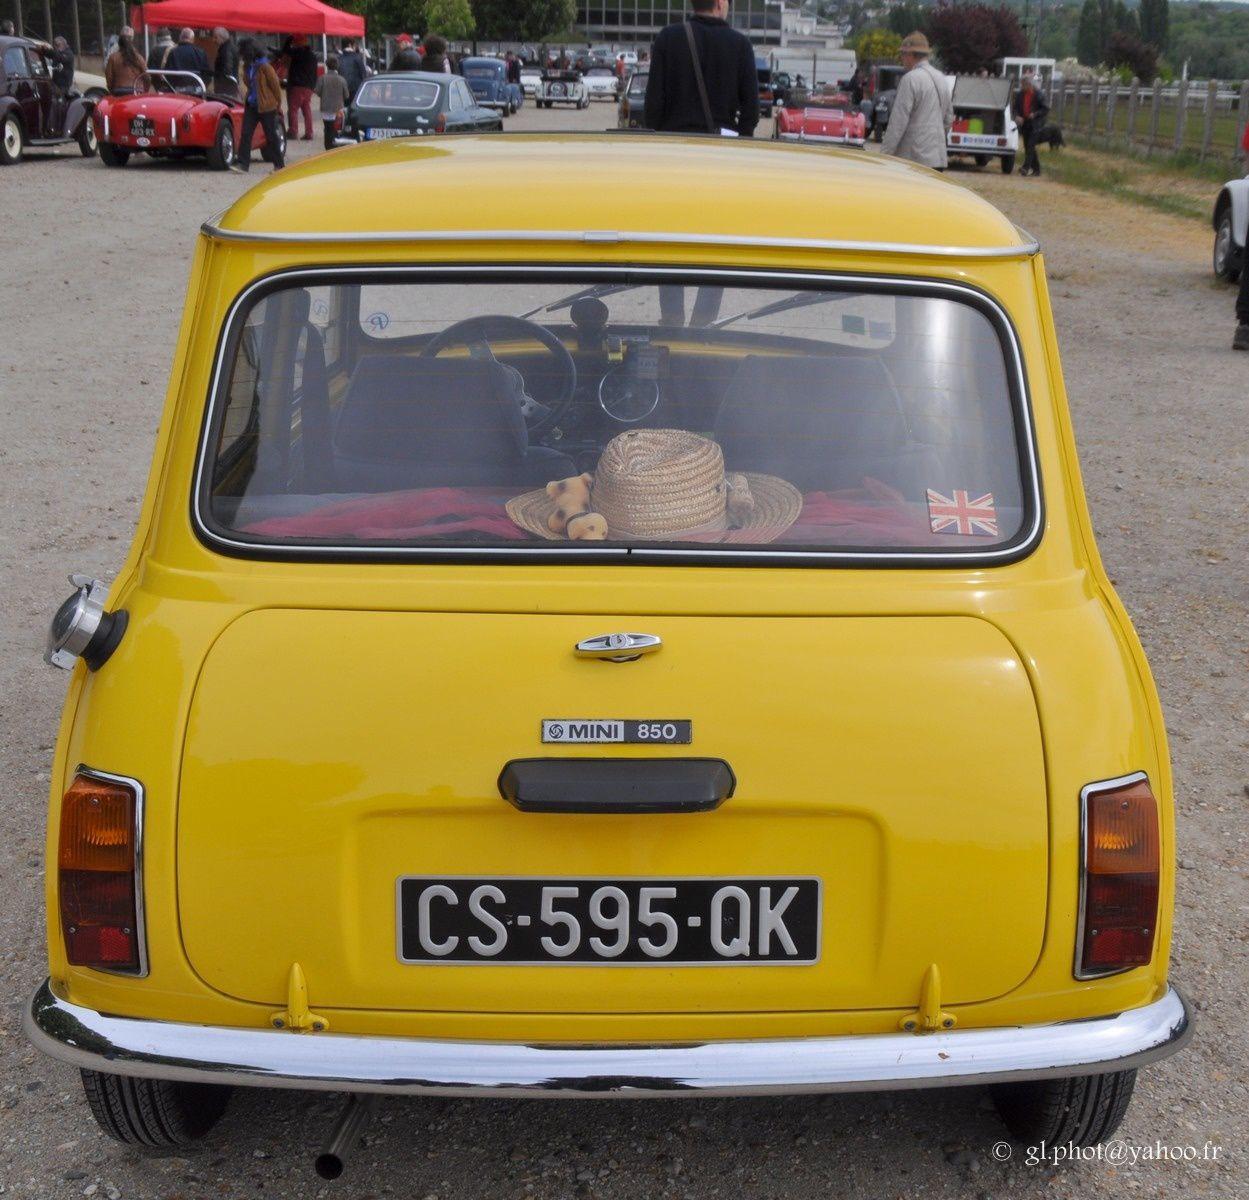 Expositions de voitures anciennes à Maisons Lafitte / Leyland - Mini - 850